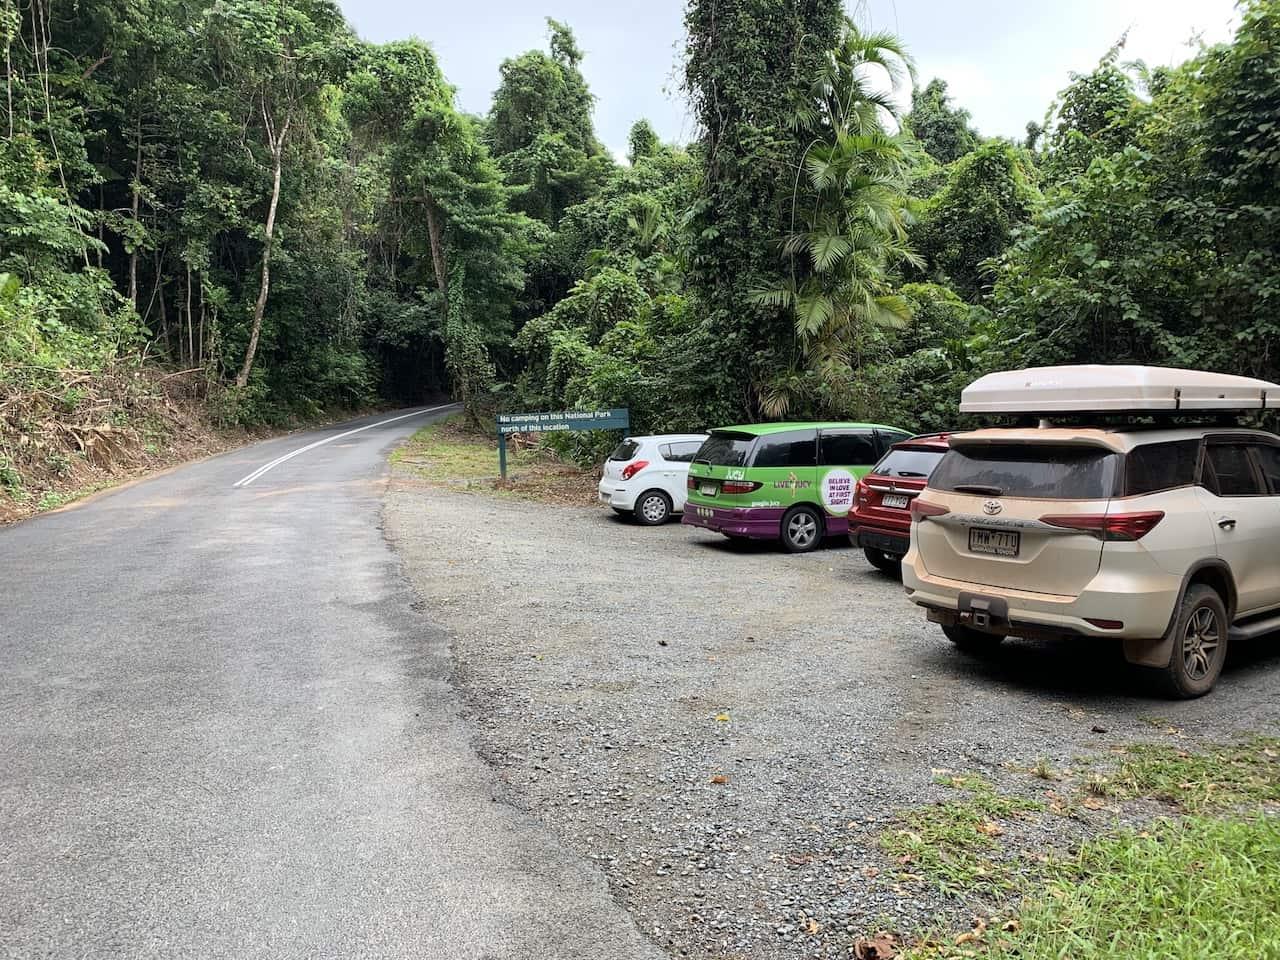 Mount Sorrow Parking